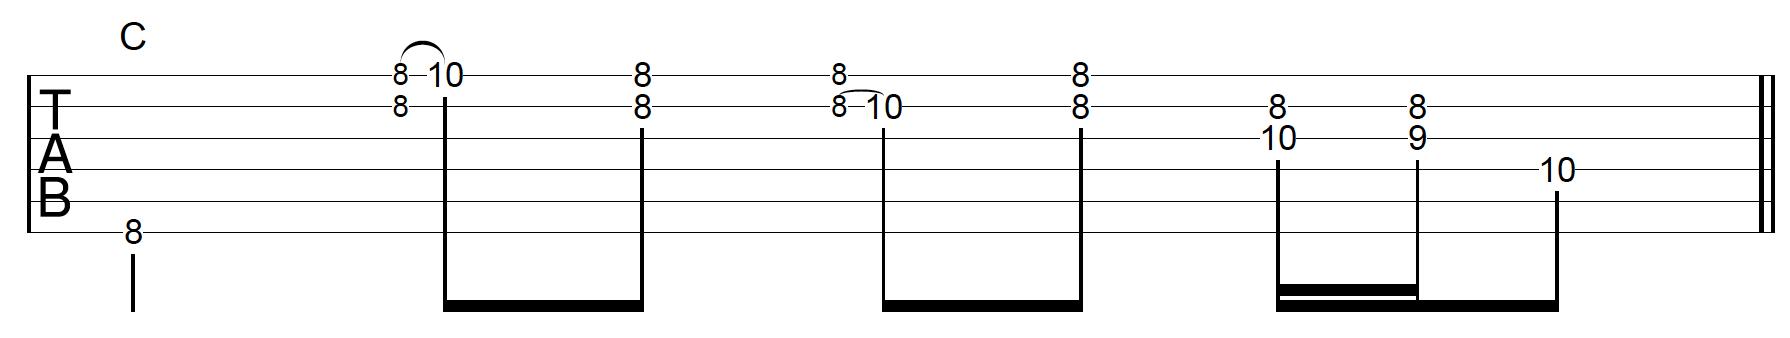 Rhythm Guitar Chord Fill 6